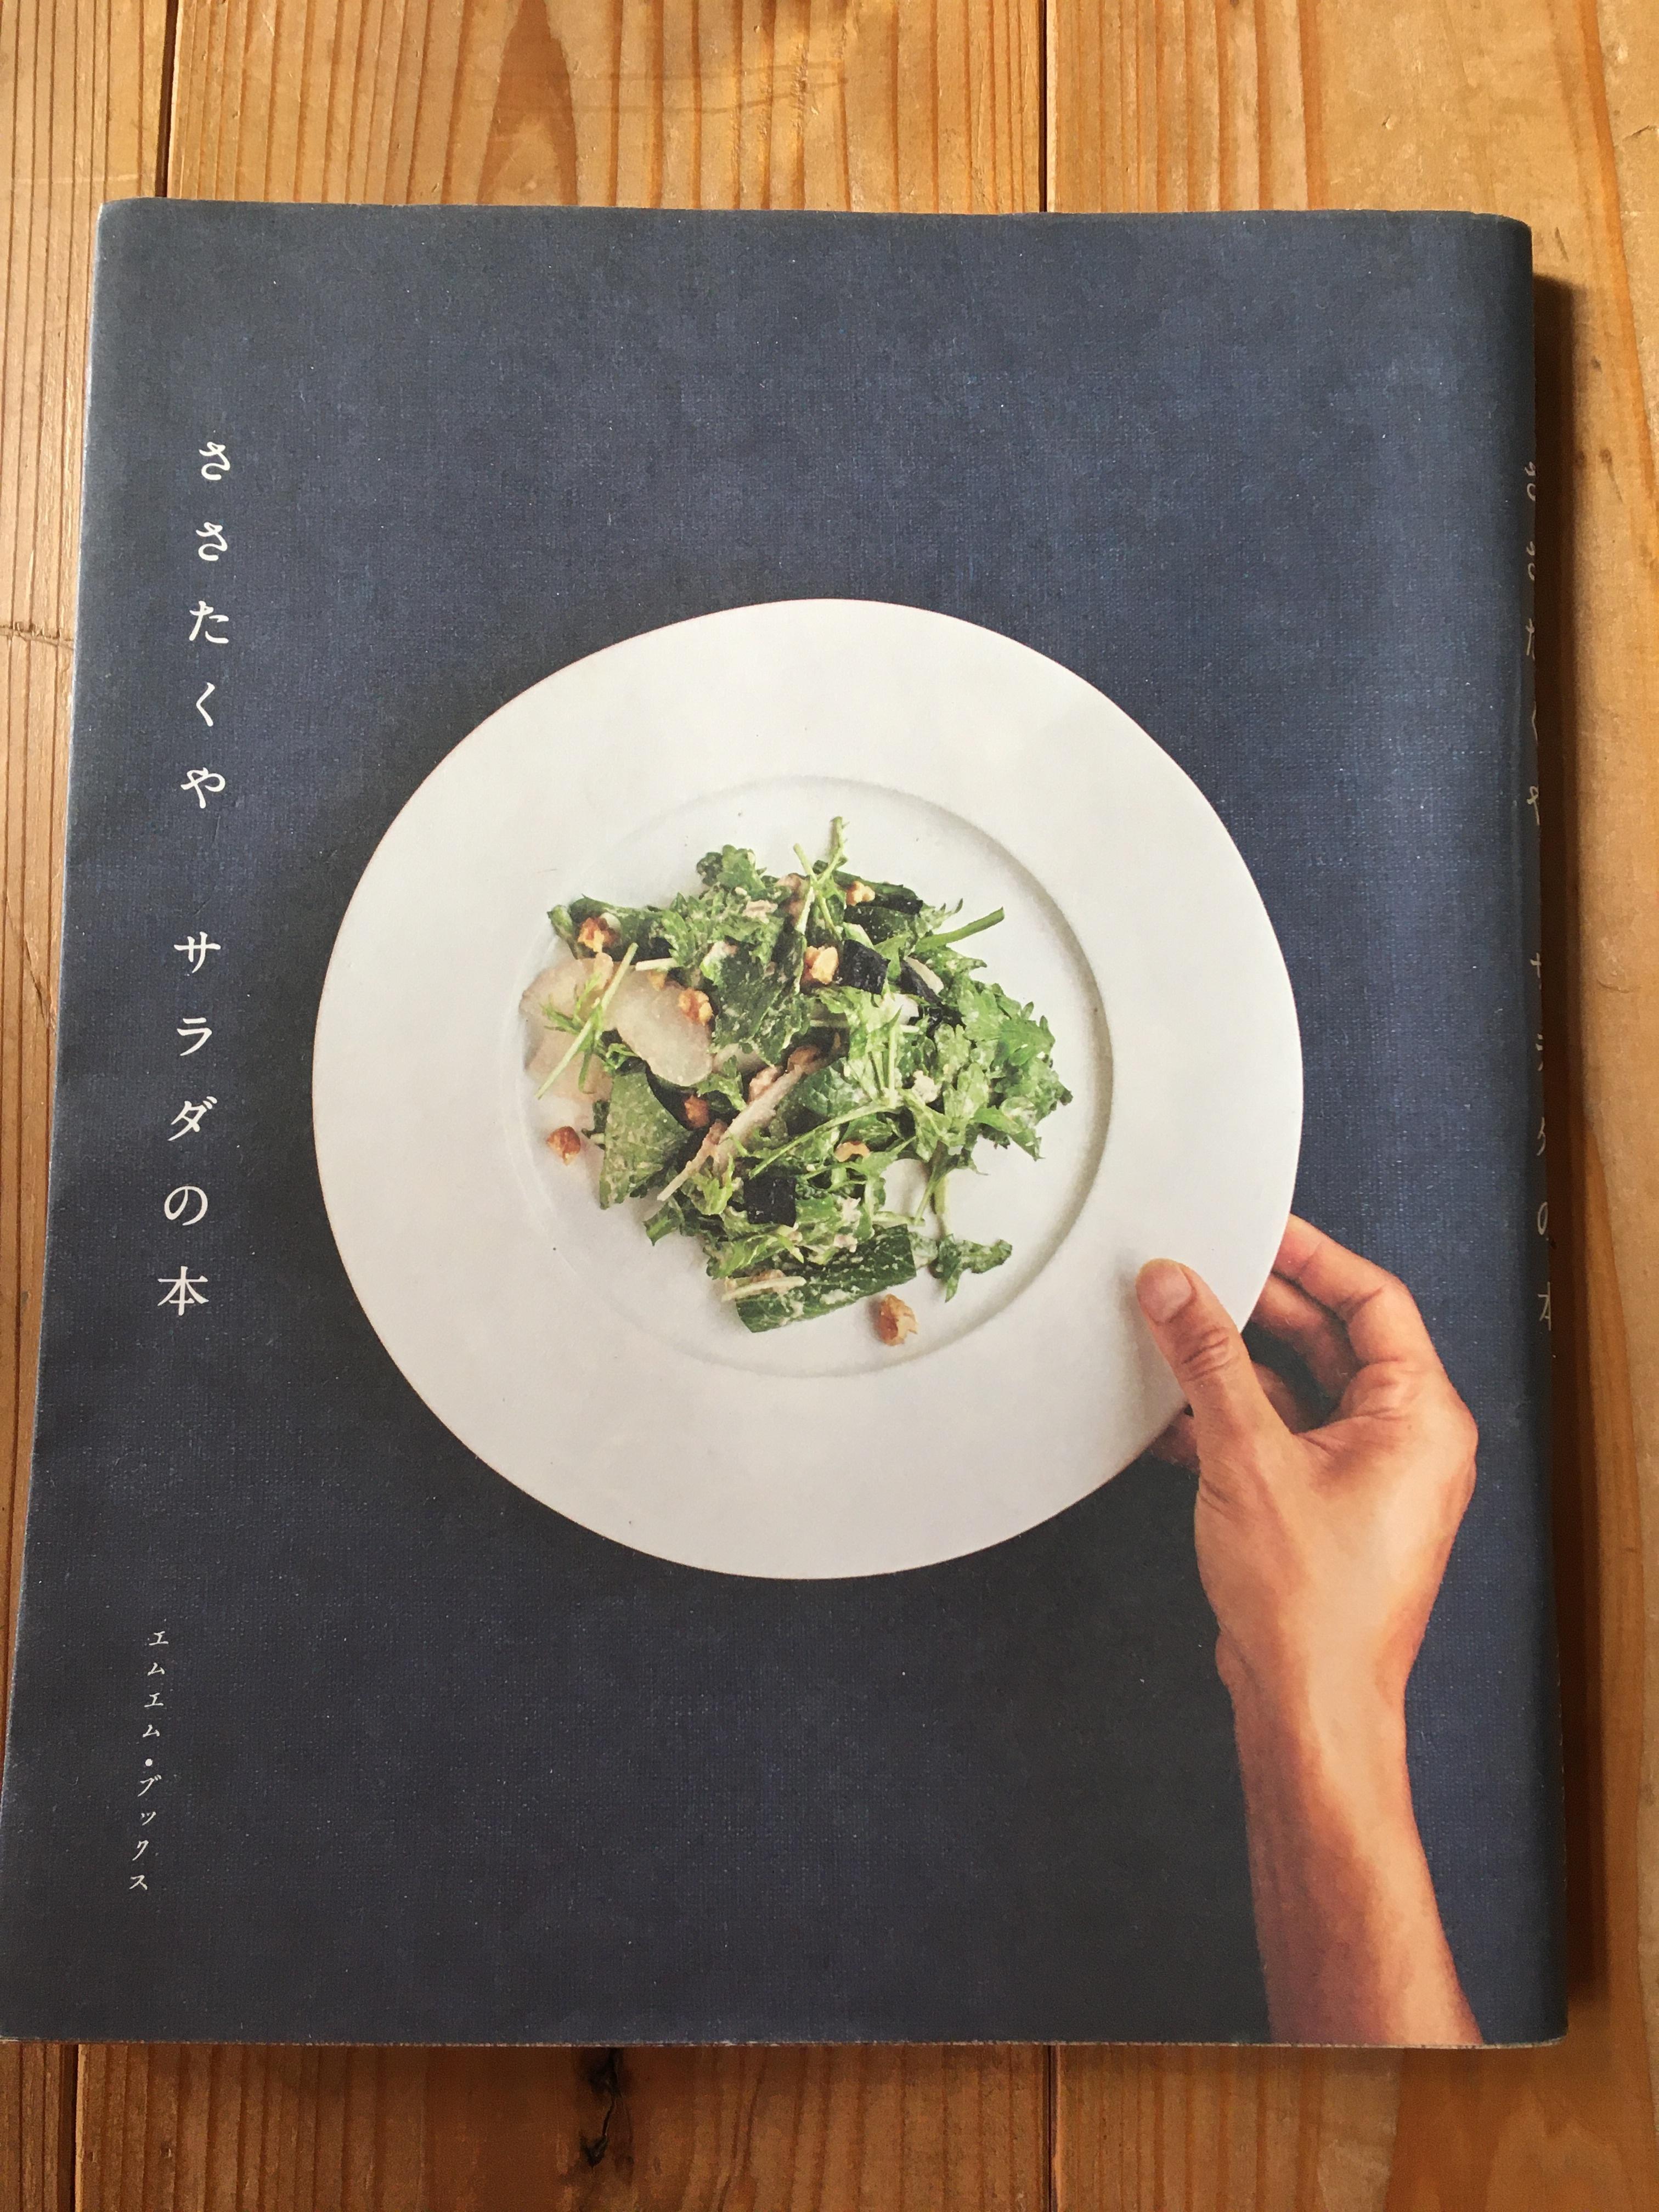 ささたくや サラダの本 - 画像1